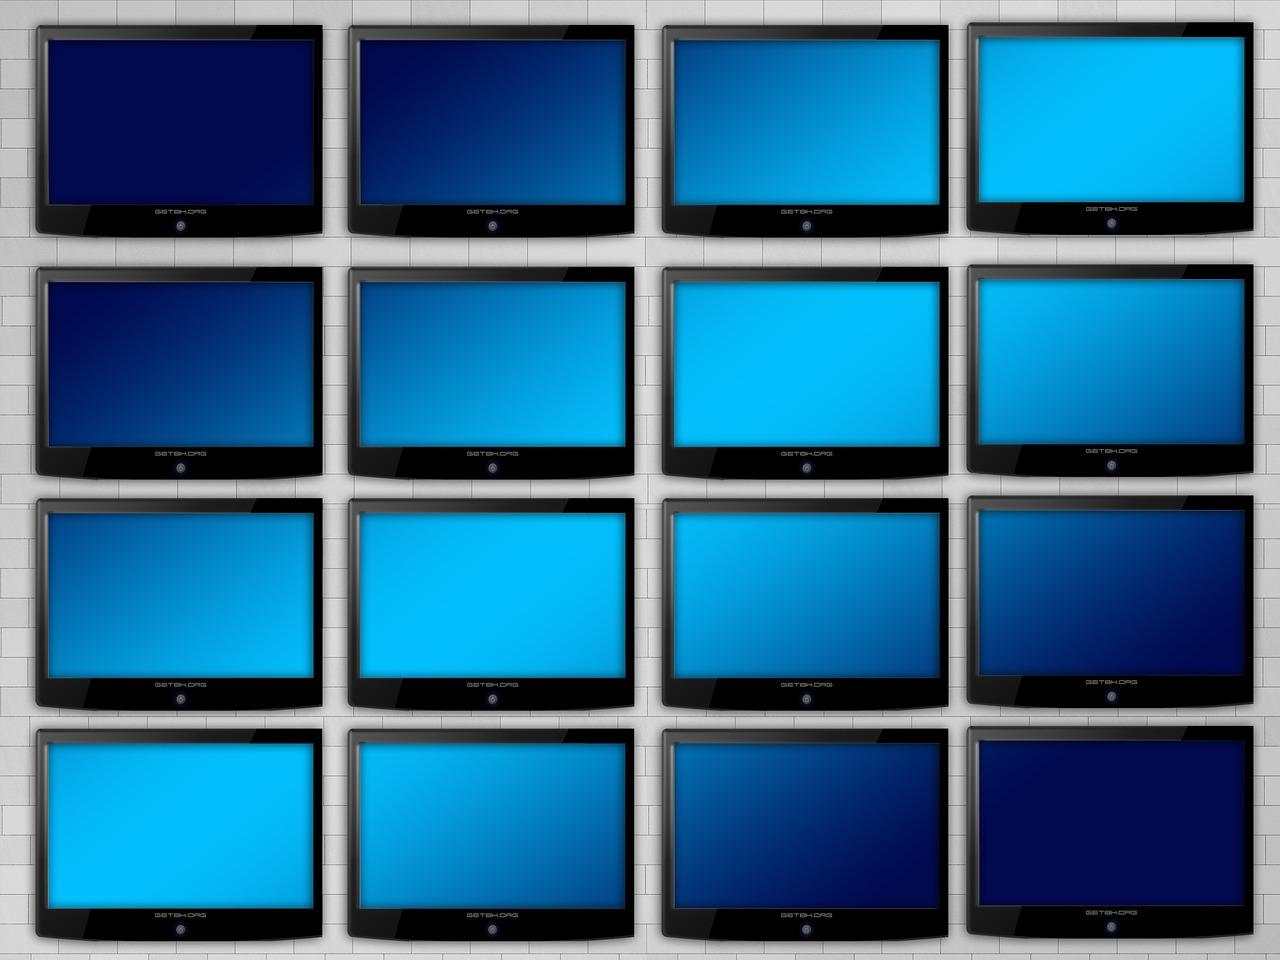 Utiliza varios escritorios a la vez gracias a los escritorios virtuales de Windows